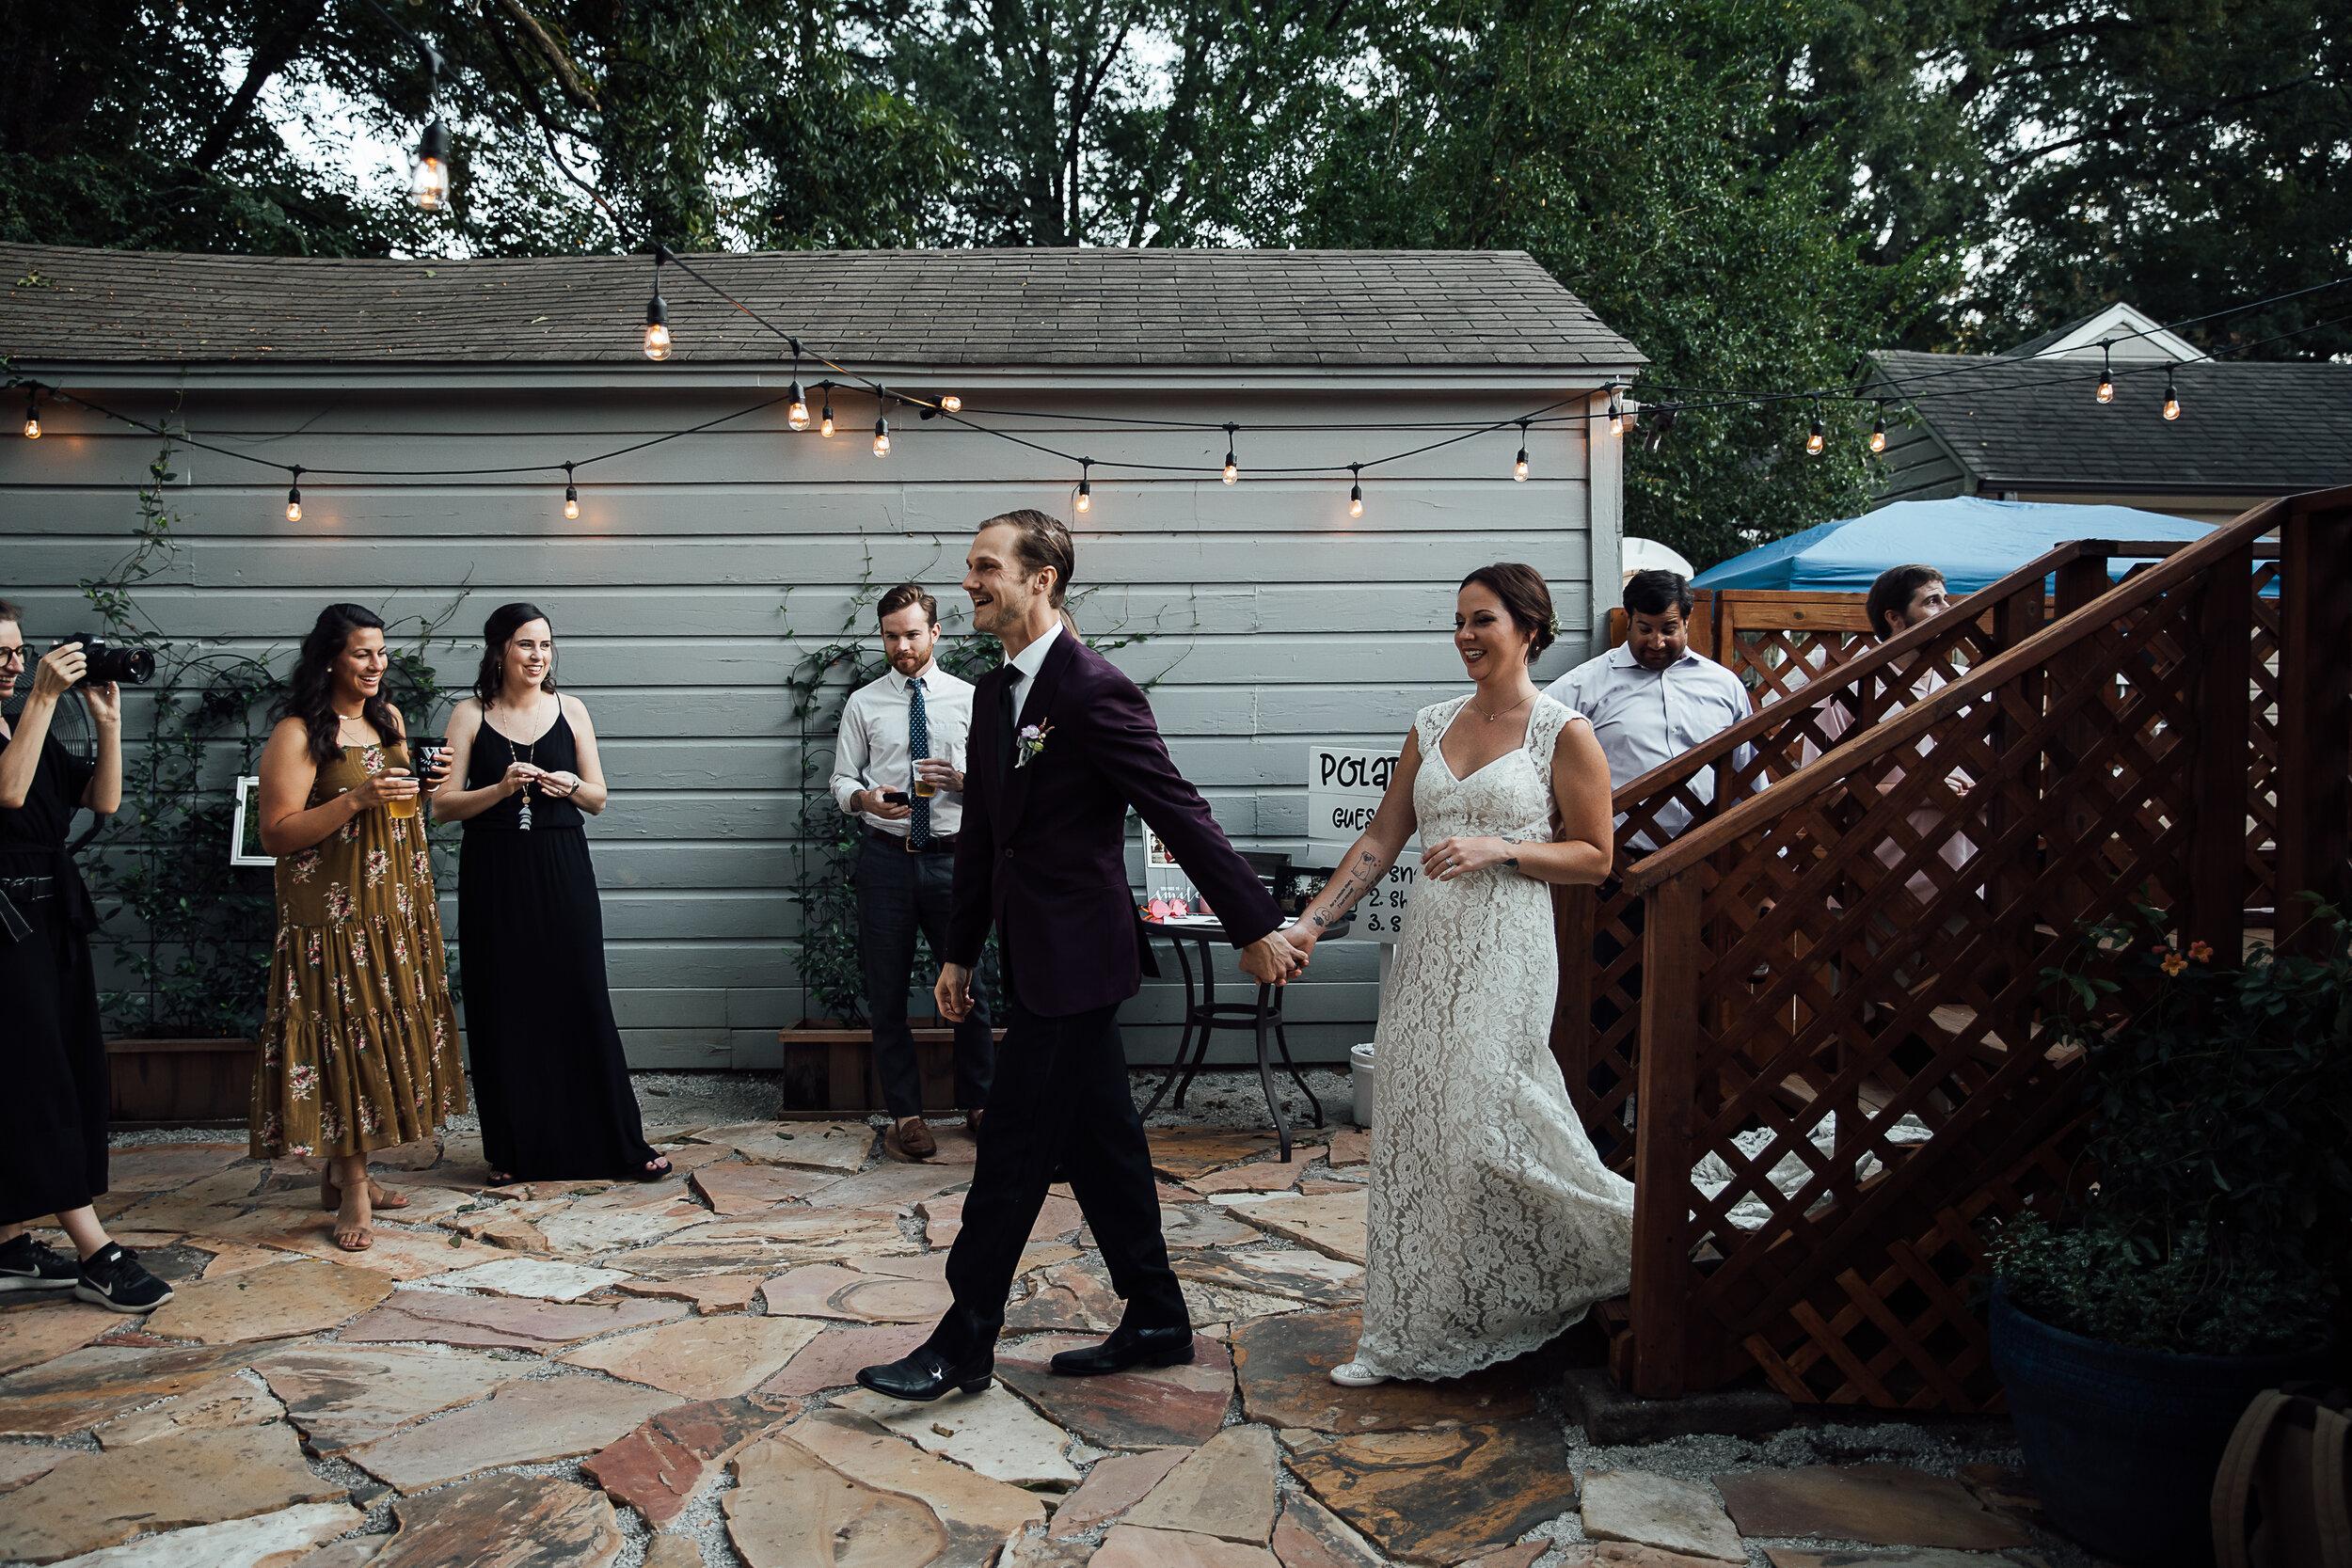 Allison-and-Wesley-Memphis-Backyard-Wedding-TheWarmthAroundYou-55.jpg